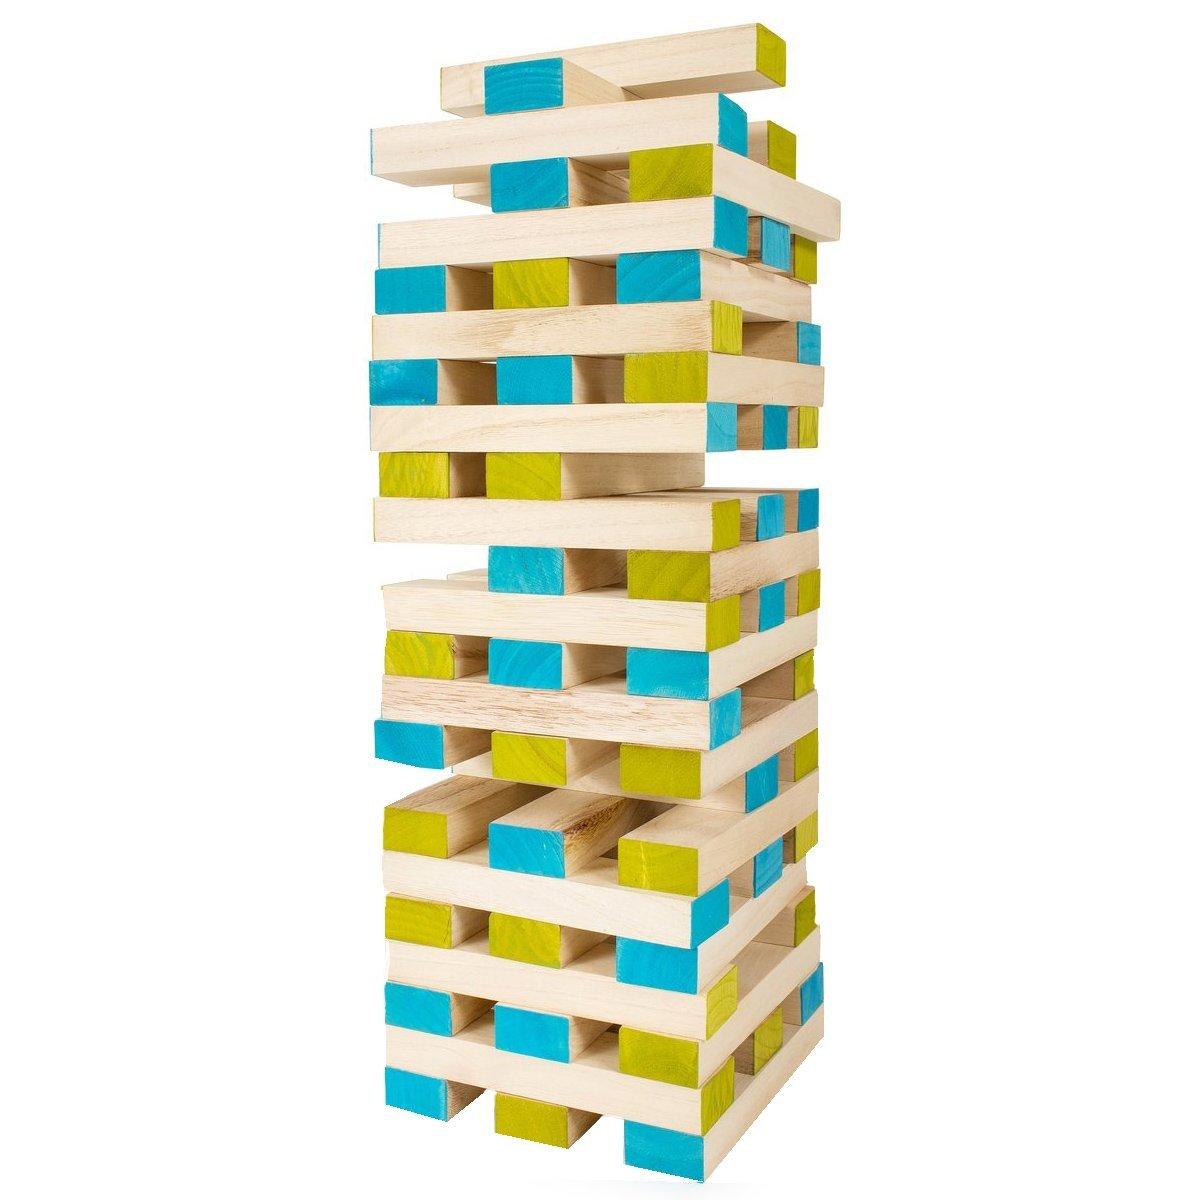 Jenga Torre Gigante Traditional Games Menendez Y Pelayo